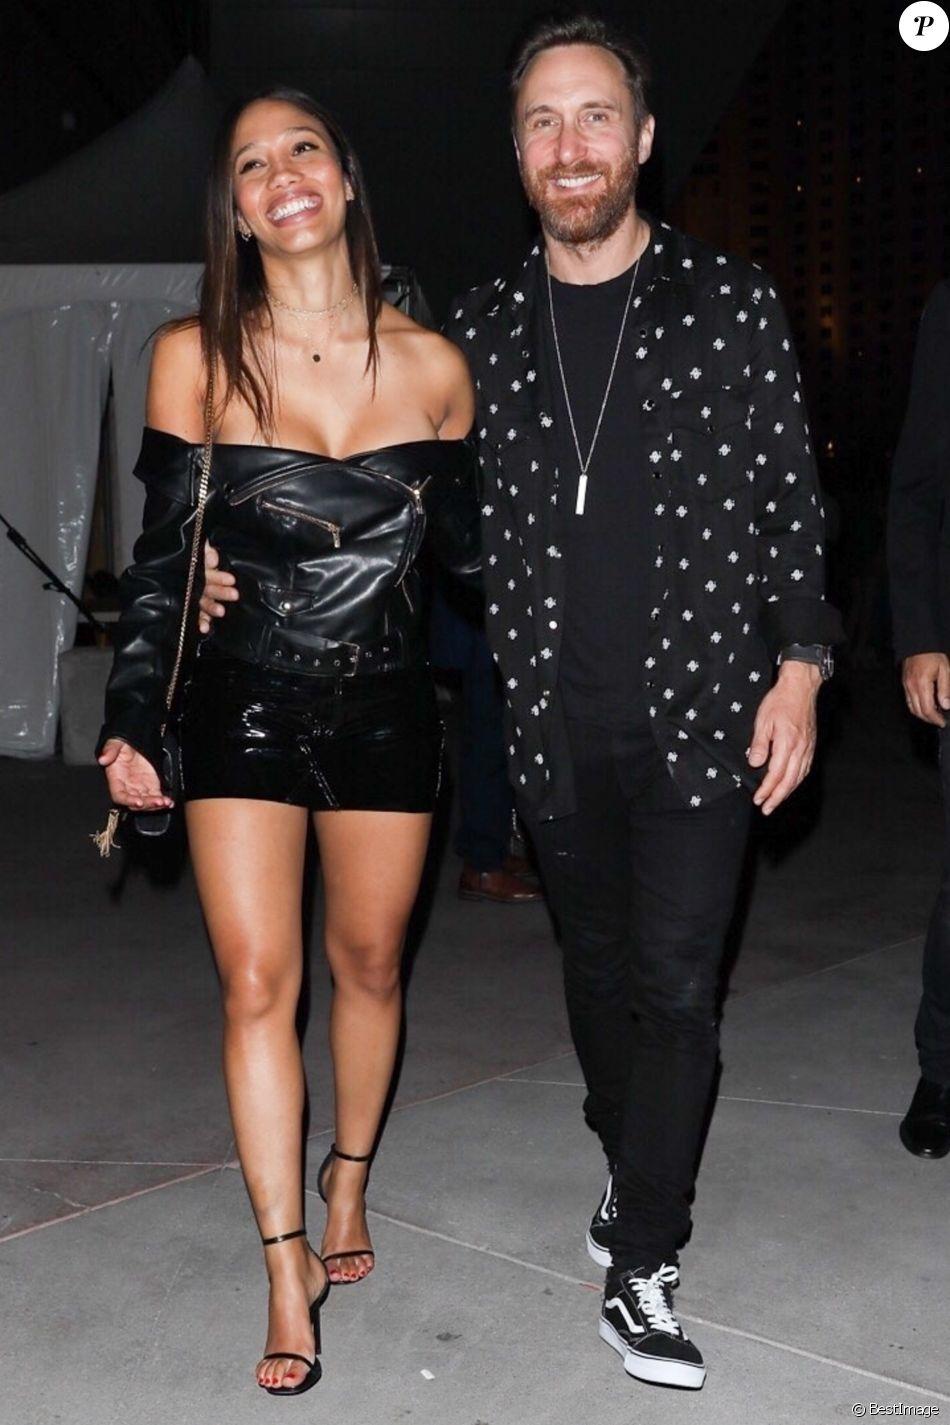 Exclusif - David Guetta et sa compagne Jessica Ledon sont allés voir un match de boxe (Canelo vs. Golovkin) à Las Vegas, le 16 septembre 2017.